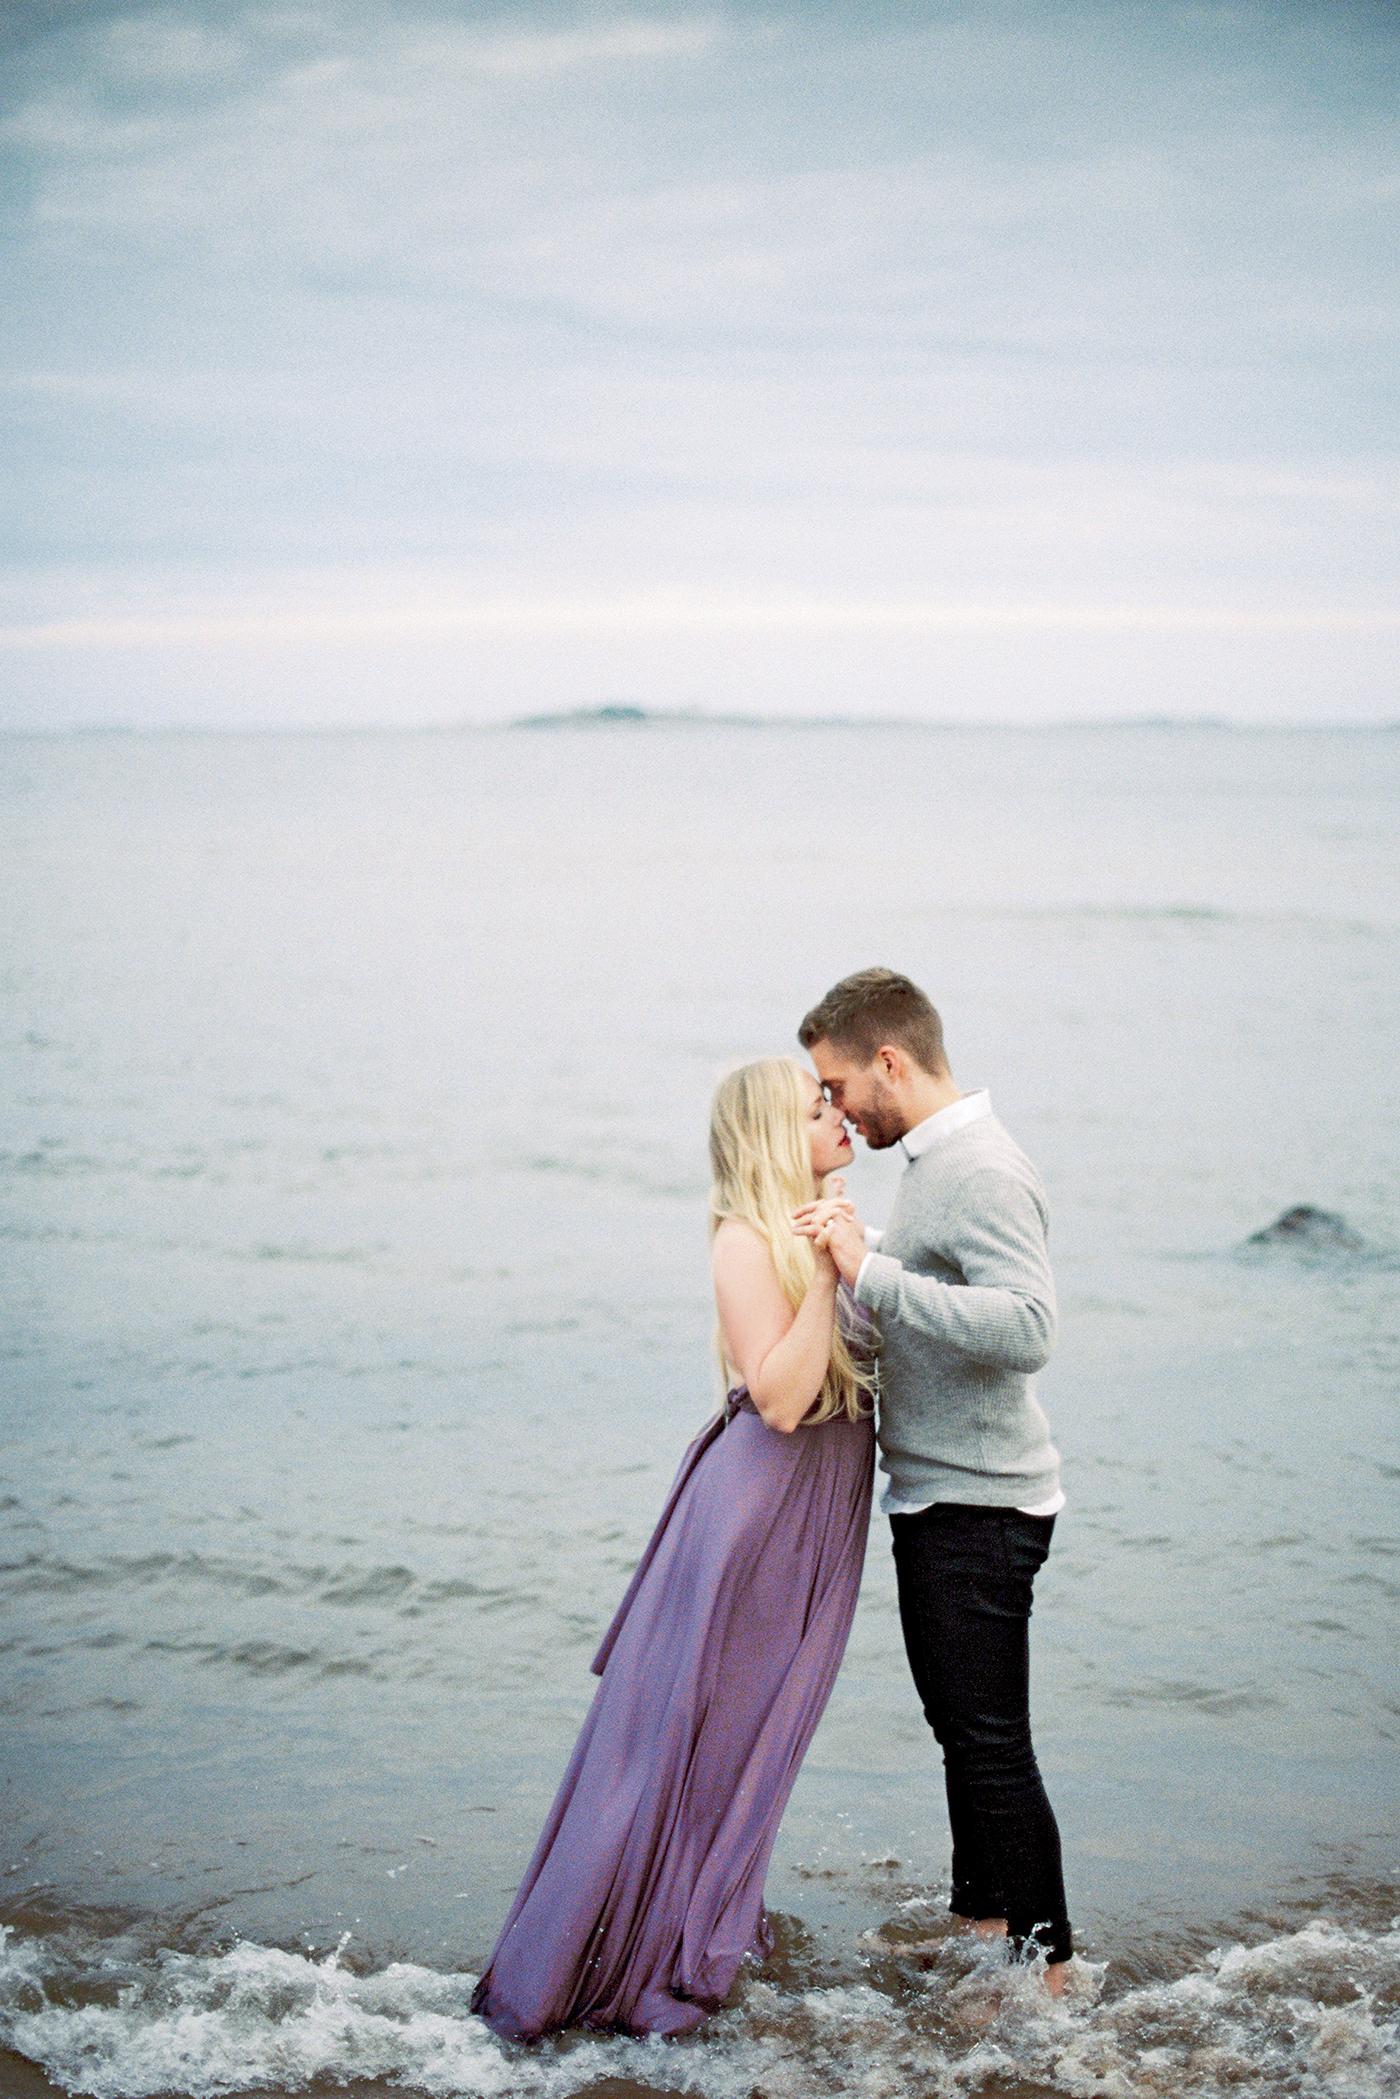 Sari & Mikko - Beach Engagement Couple Shoot in Hanko kihlakuvaus parikuvaus - Susanna Nordvall - Hey Look (44).jpg